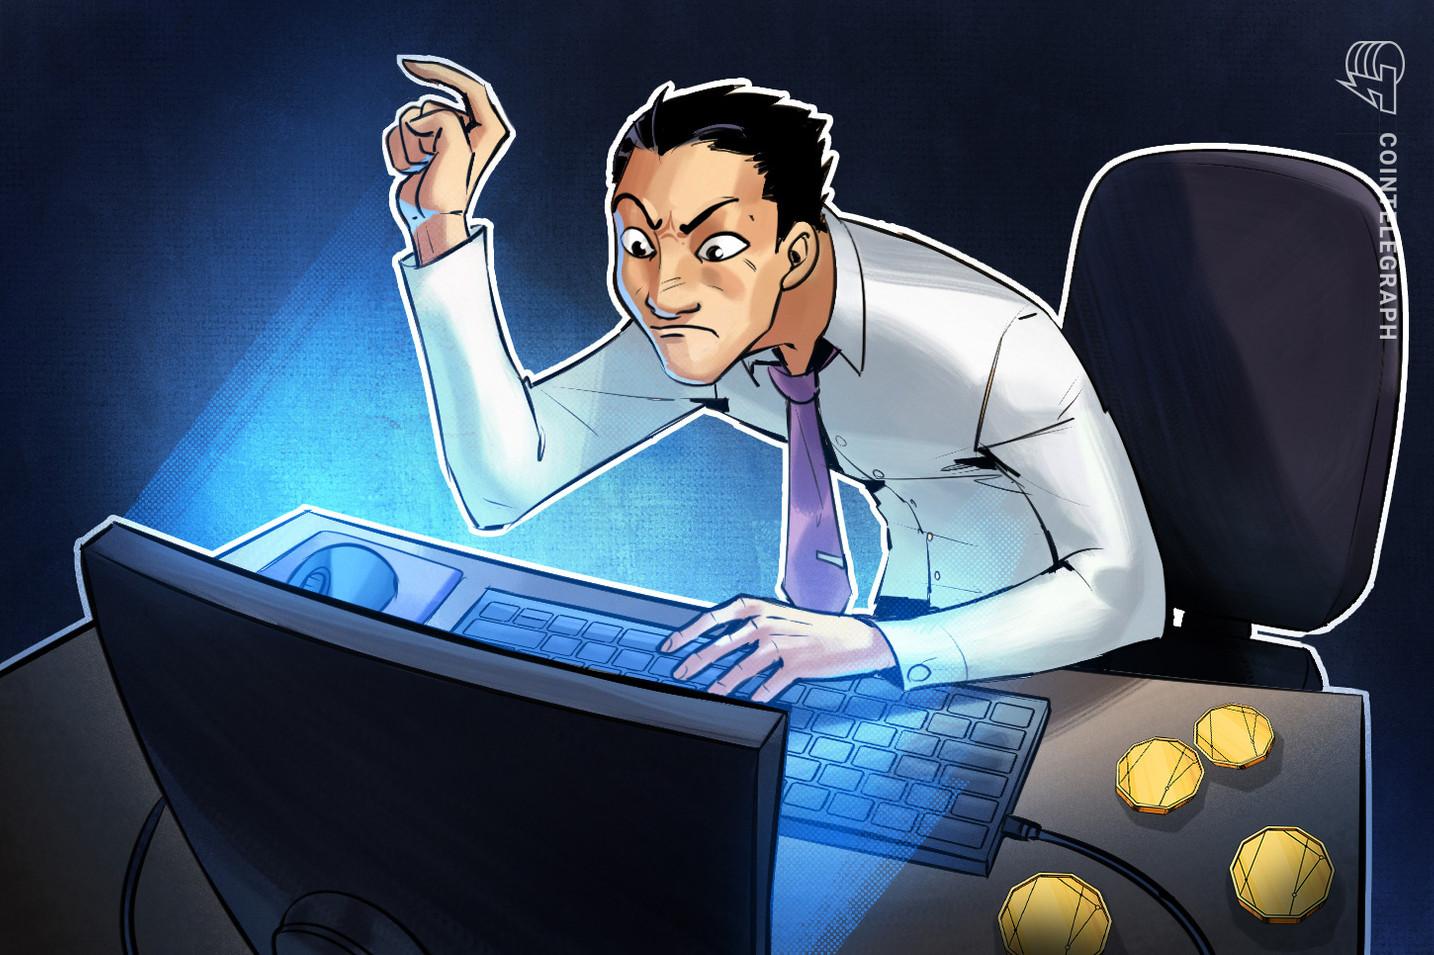 Empregador paga trabalhador em criptomoedas e, em seguida, exige pagamento de volta quando o preço sobe